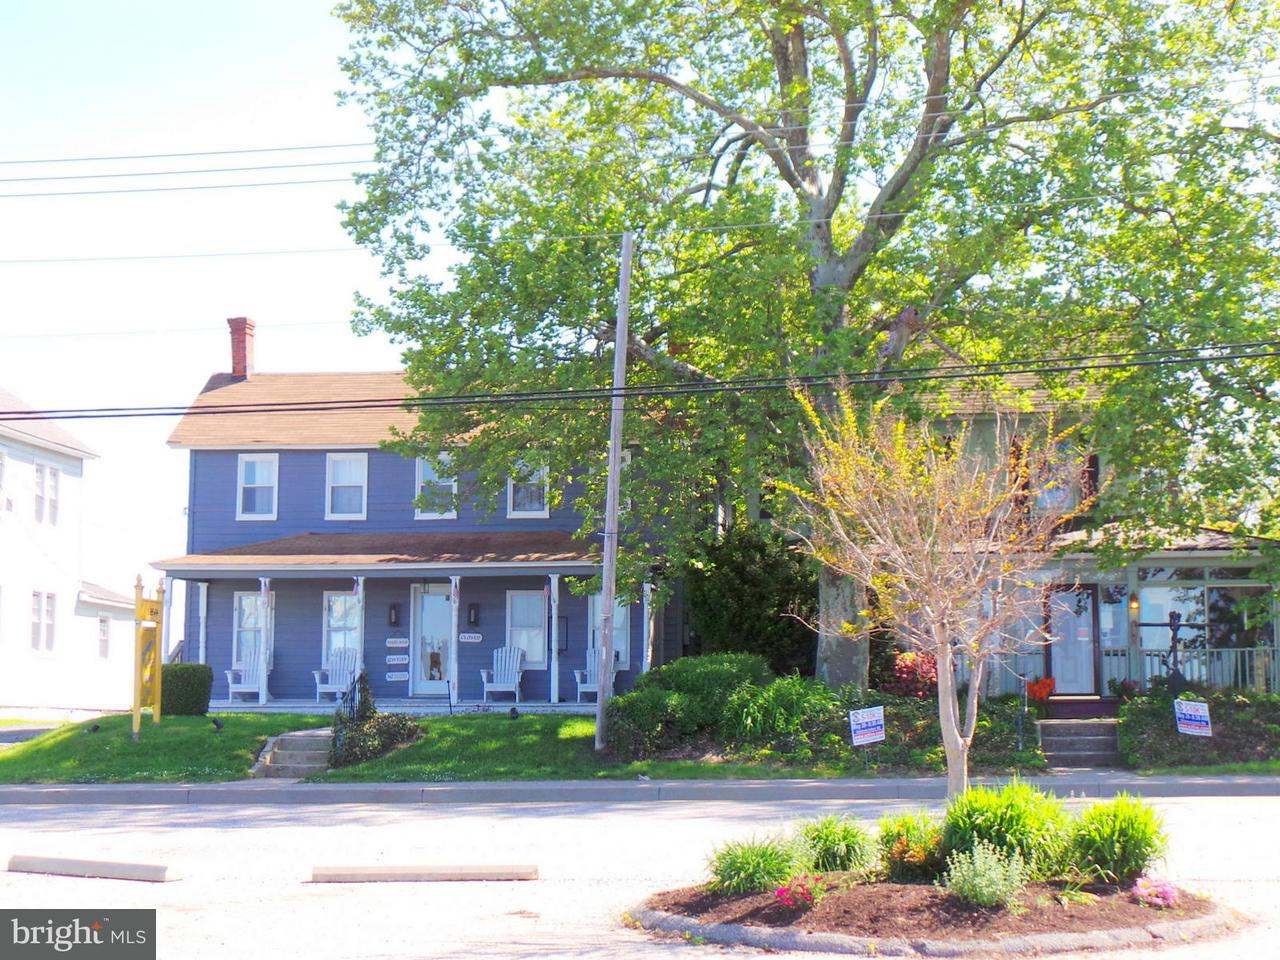 Casa Unifamiliar por un Venta en 14544 Solomons Island Rd S 14544 Solomons Island Rd S Solomons, Maryland 20688 Estados Unidos